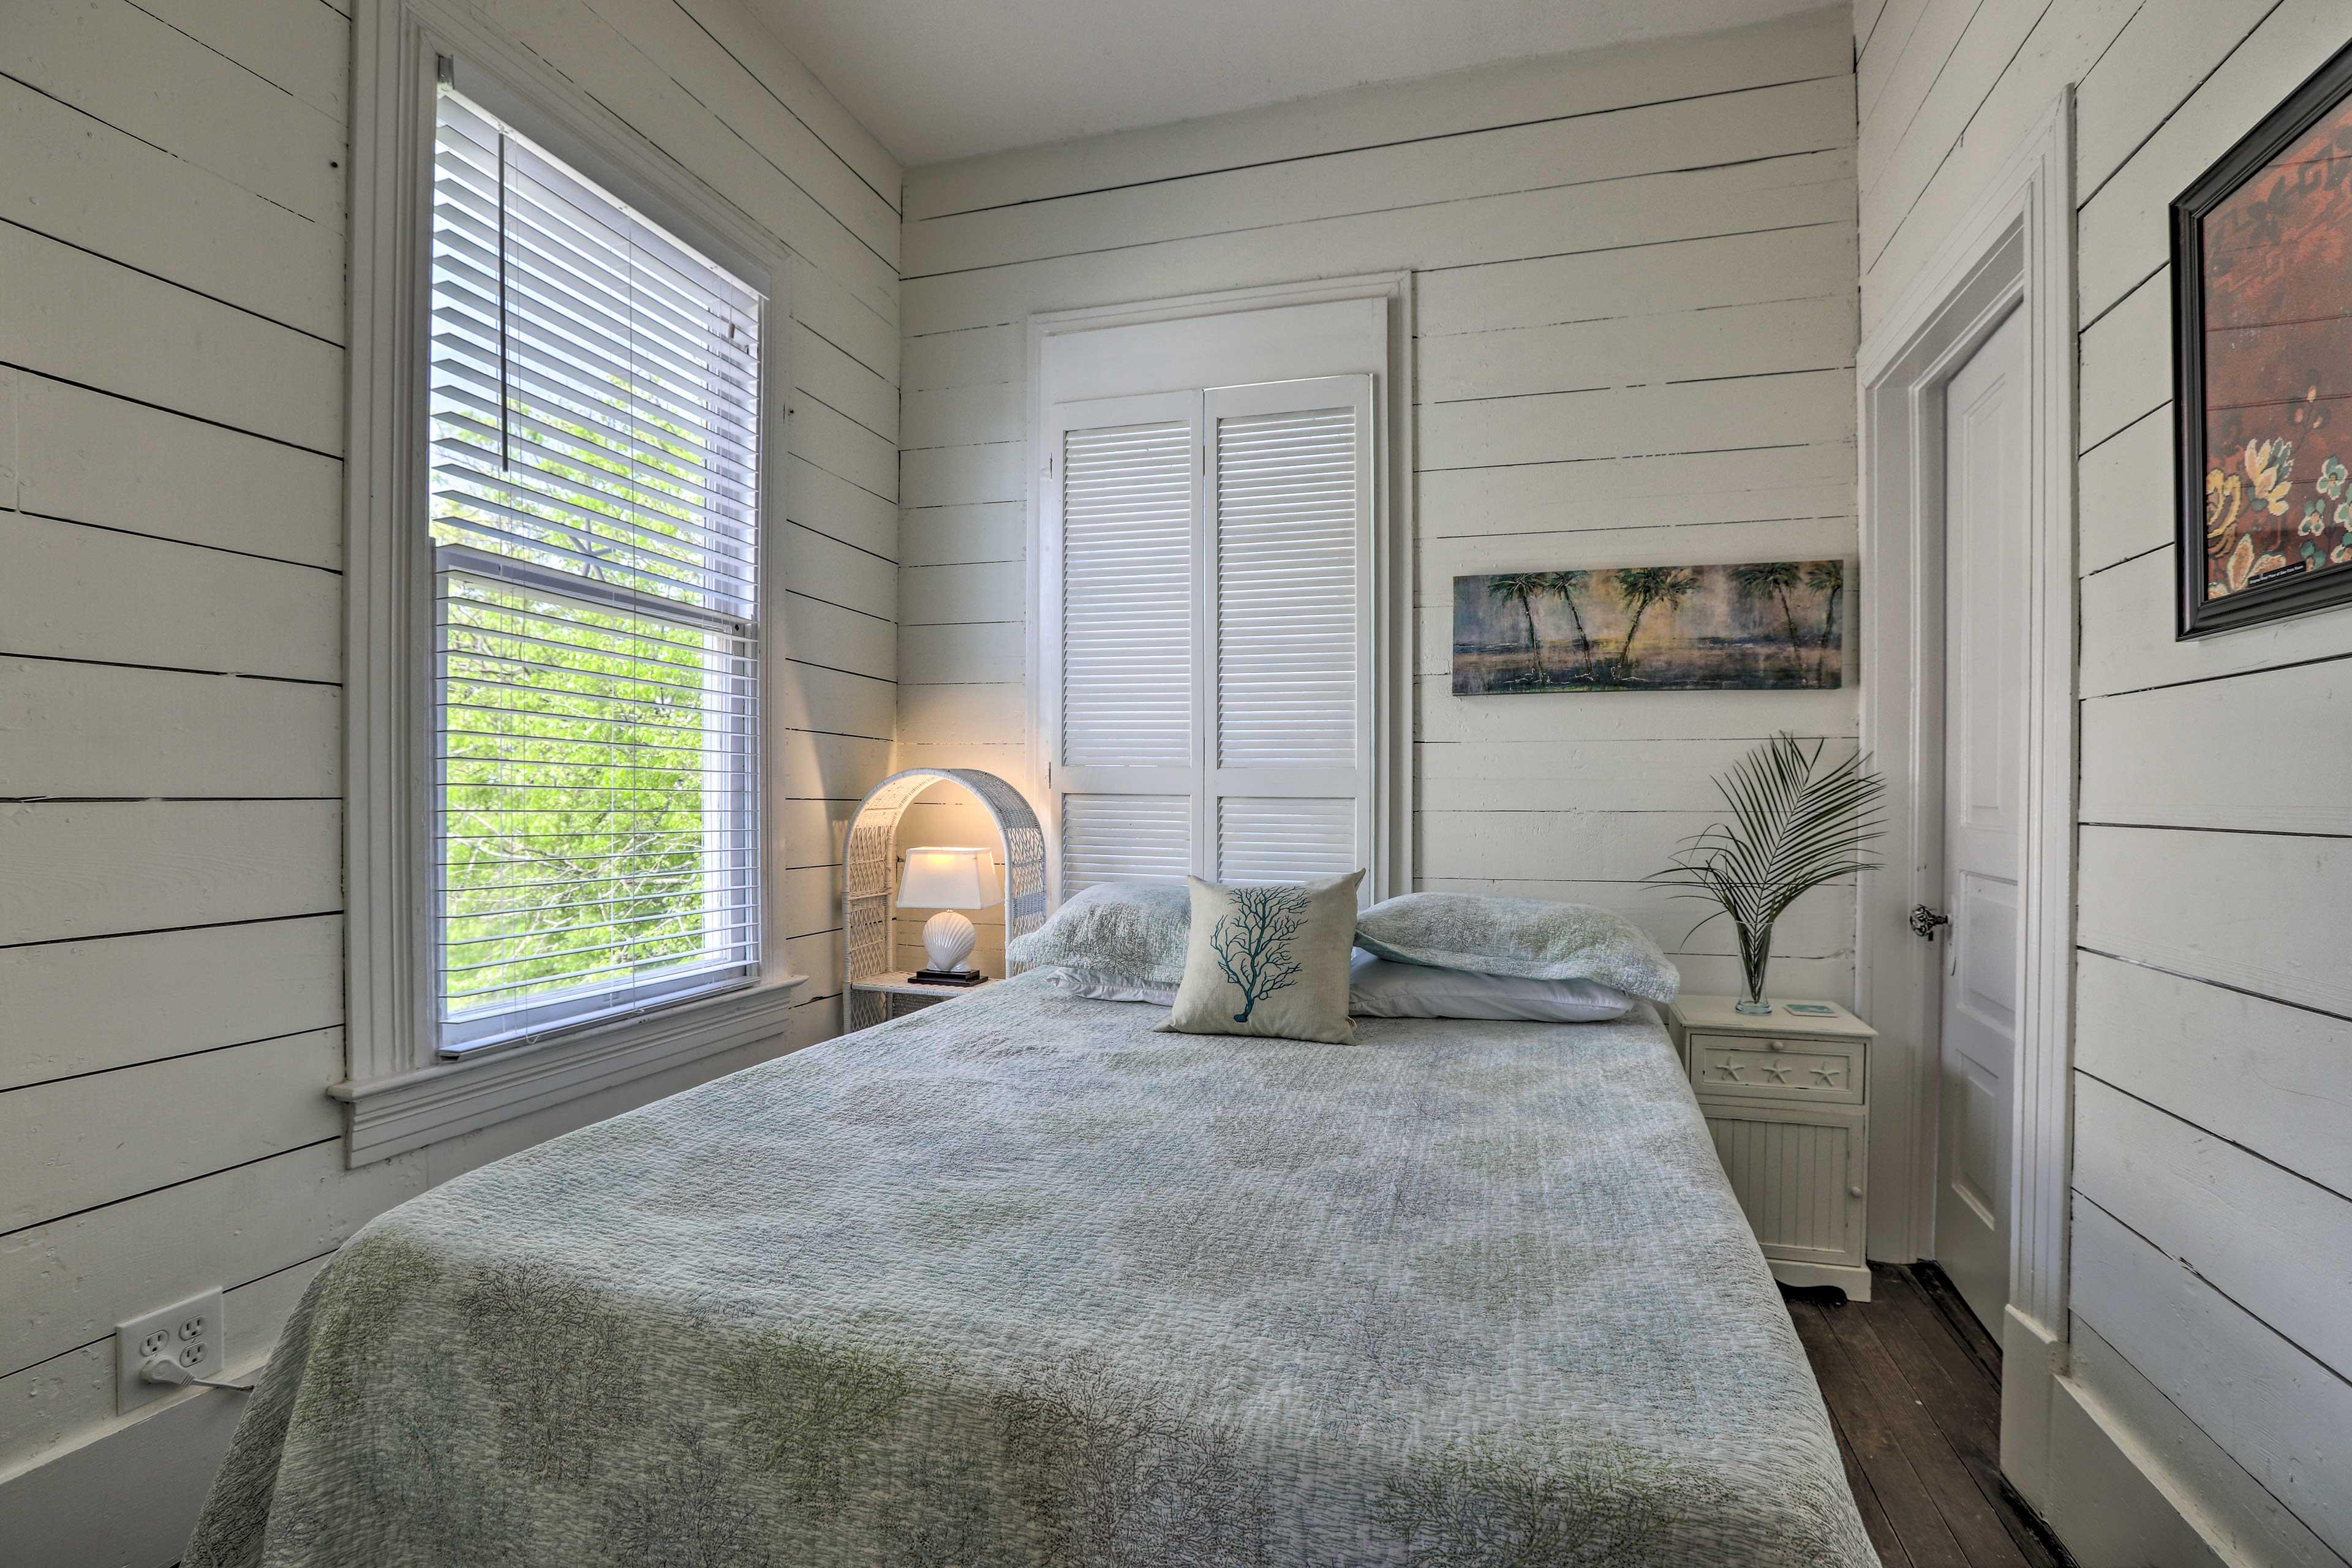 The final bedroom has a queen bed.